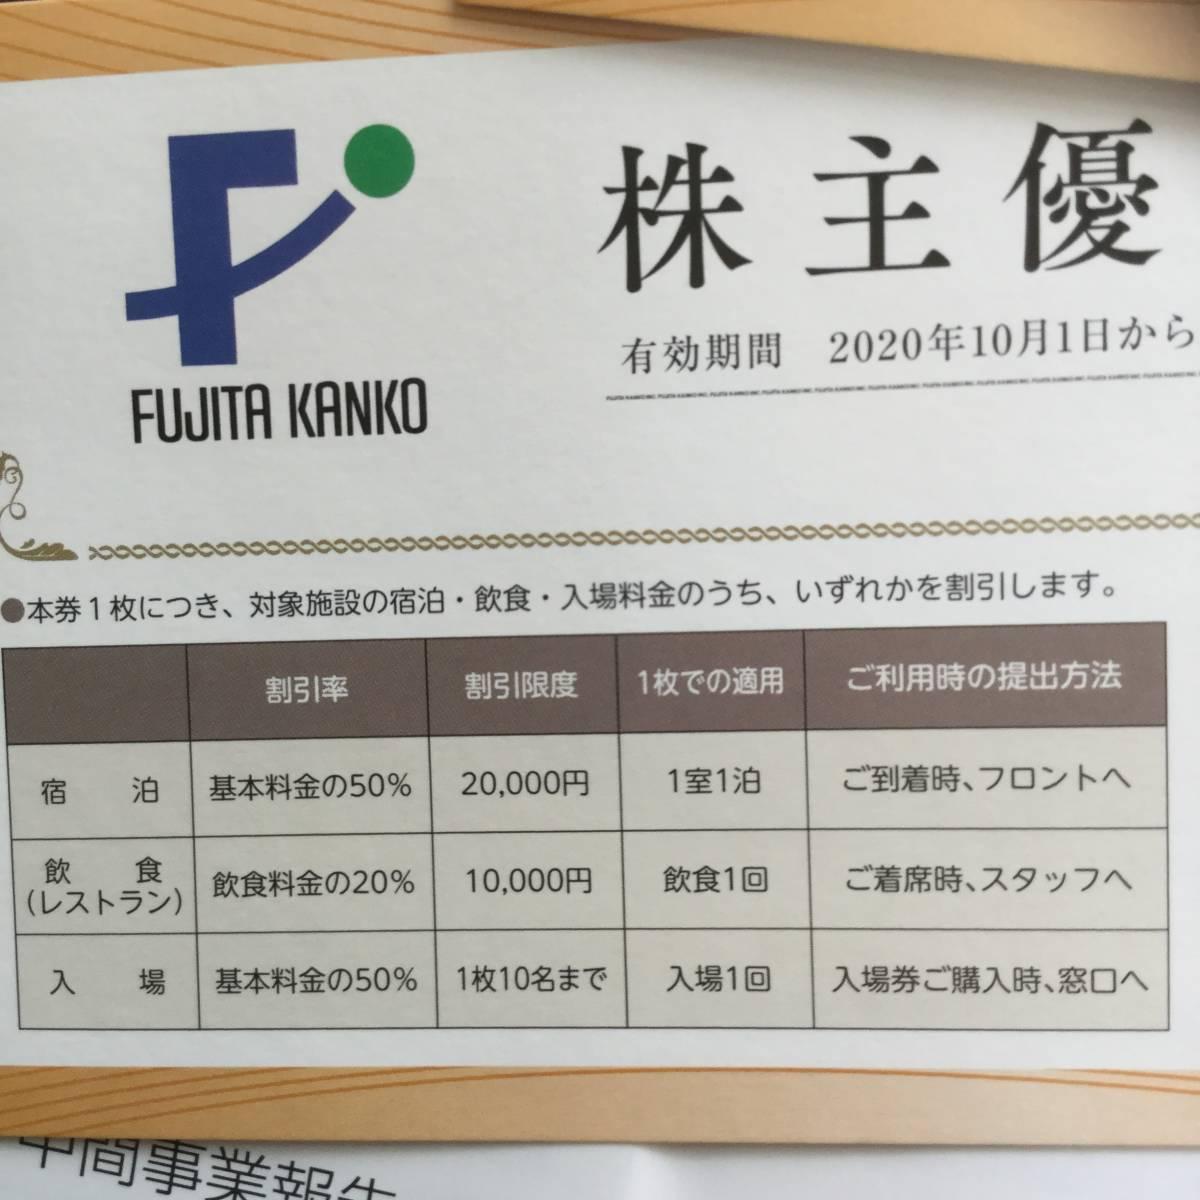 藤田観光 株主優待券 宿泊 飲食 入場 割引券 1枚~4枚 ■■■■ 2021.3.31_画像2